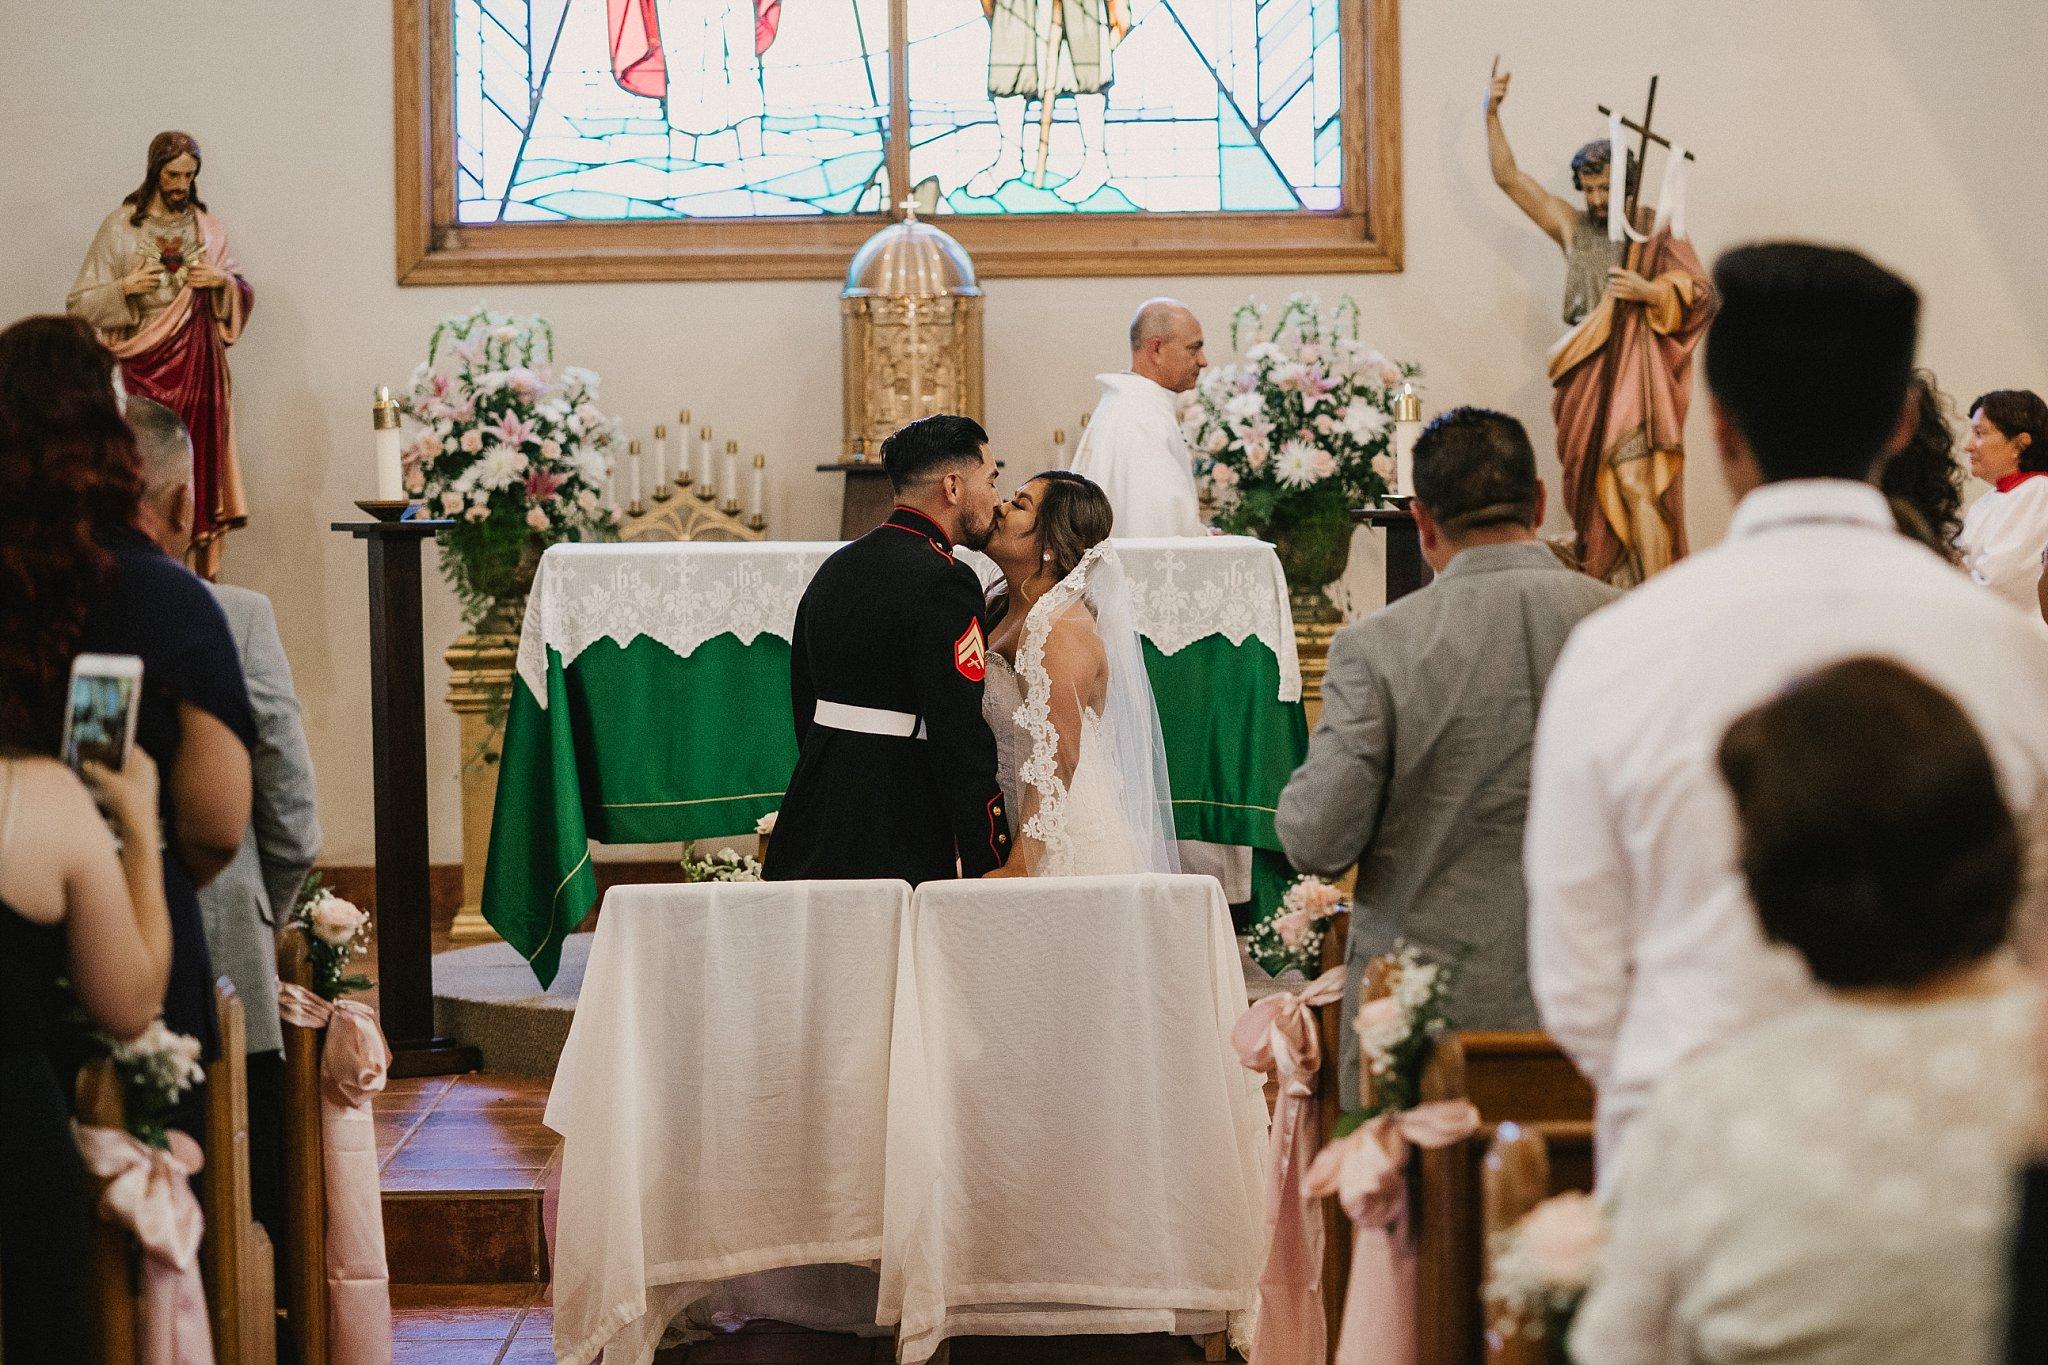 monterey-wedding-photographer-drew-zavala-john-yanderi-209.jpg